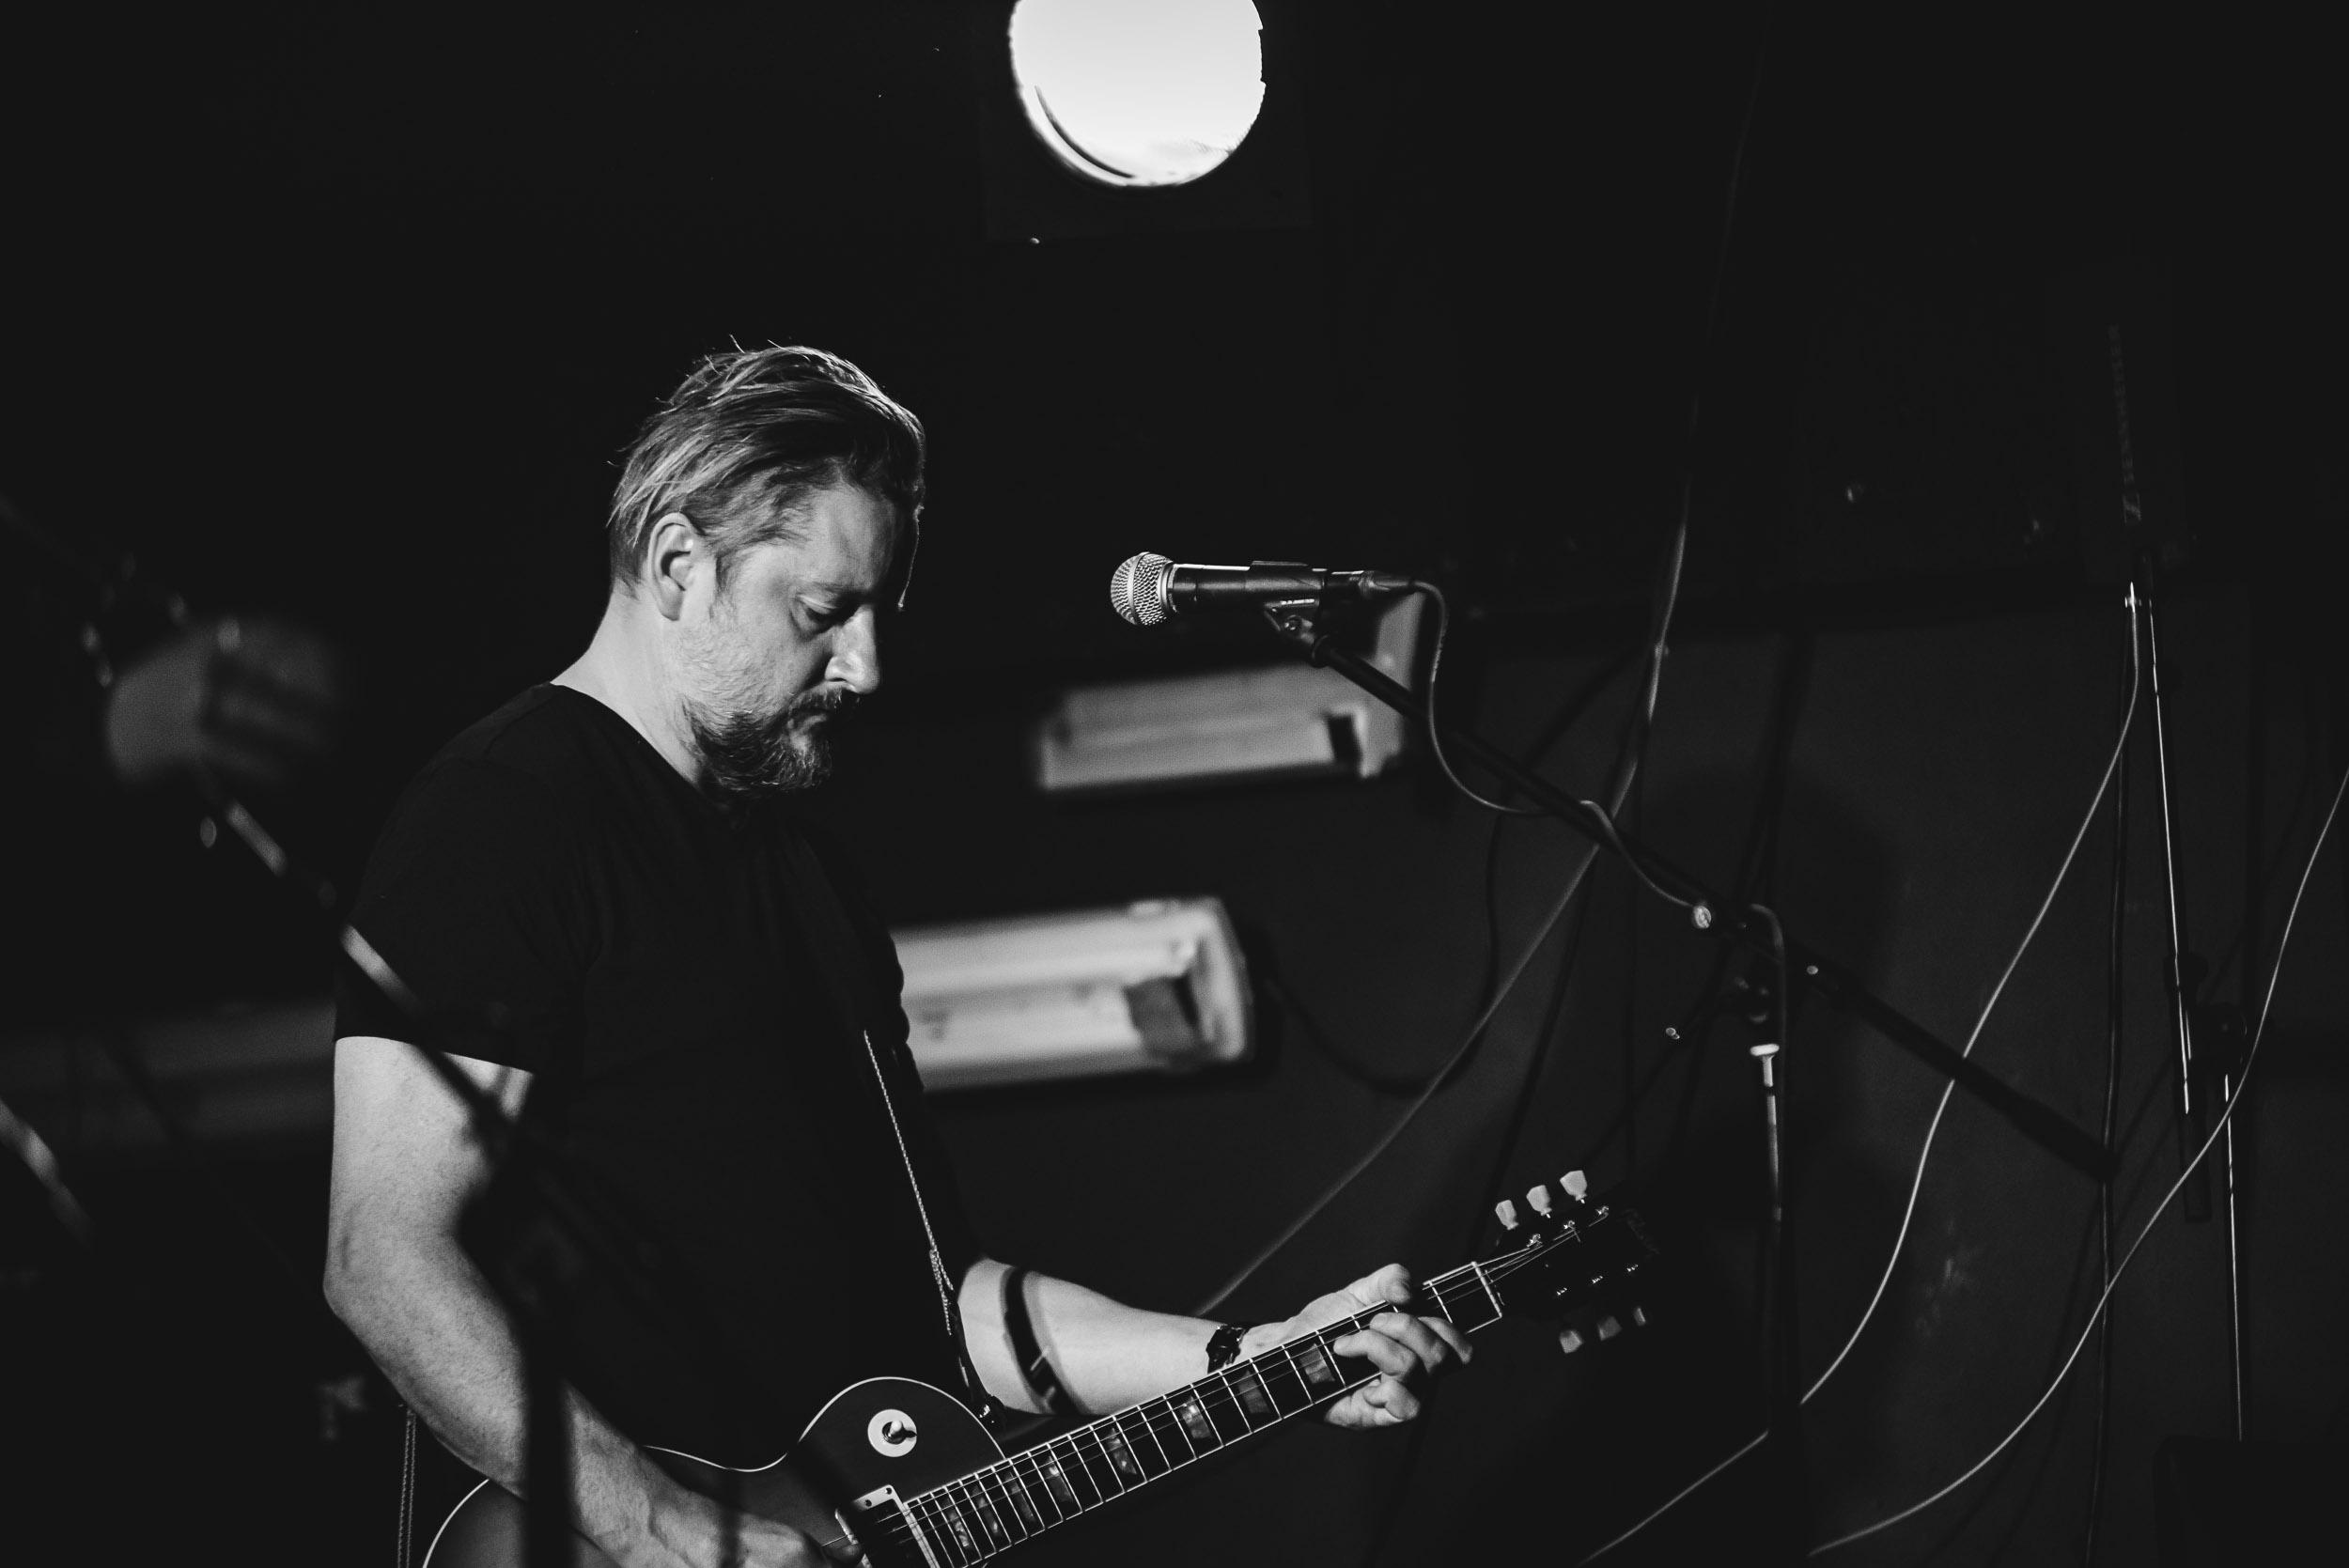 Michal-Ambroz-Hudba-Praha-Tomas-Valnoha-3-.jpg